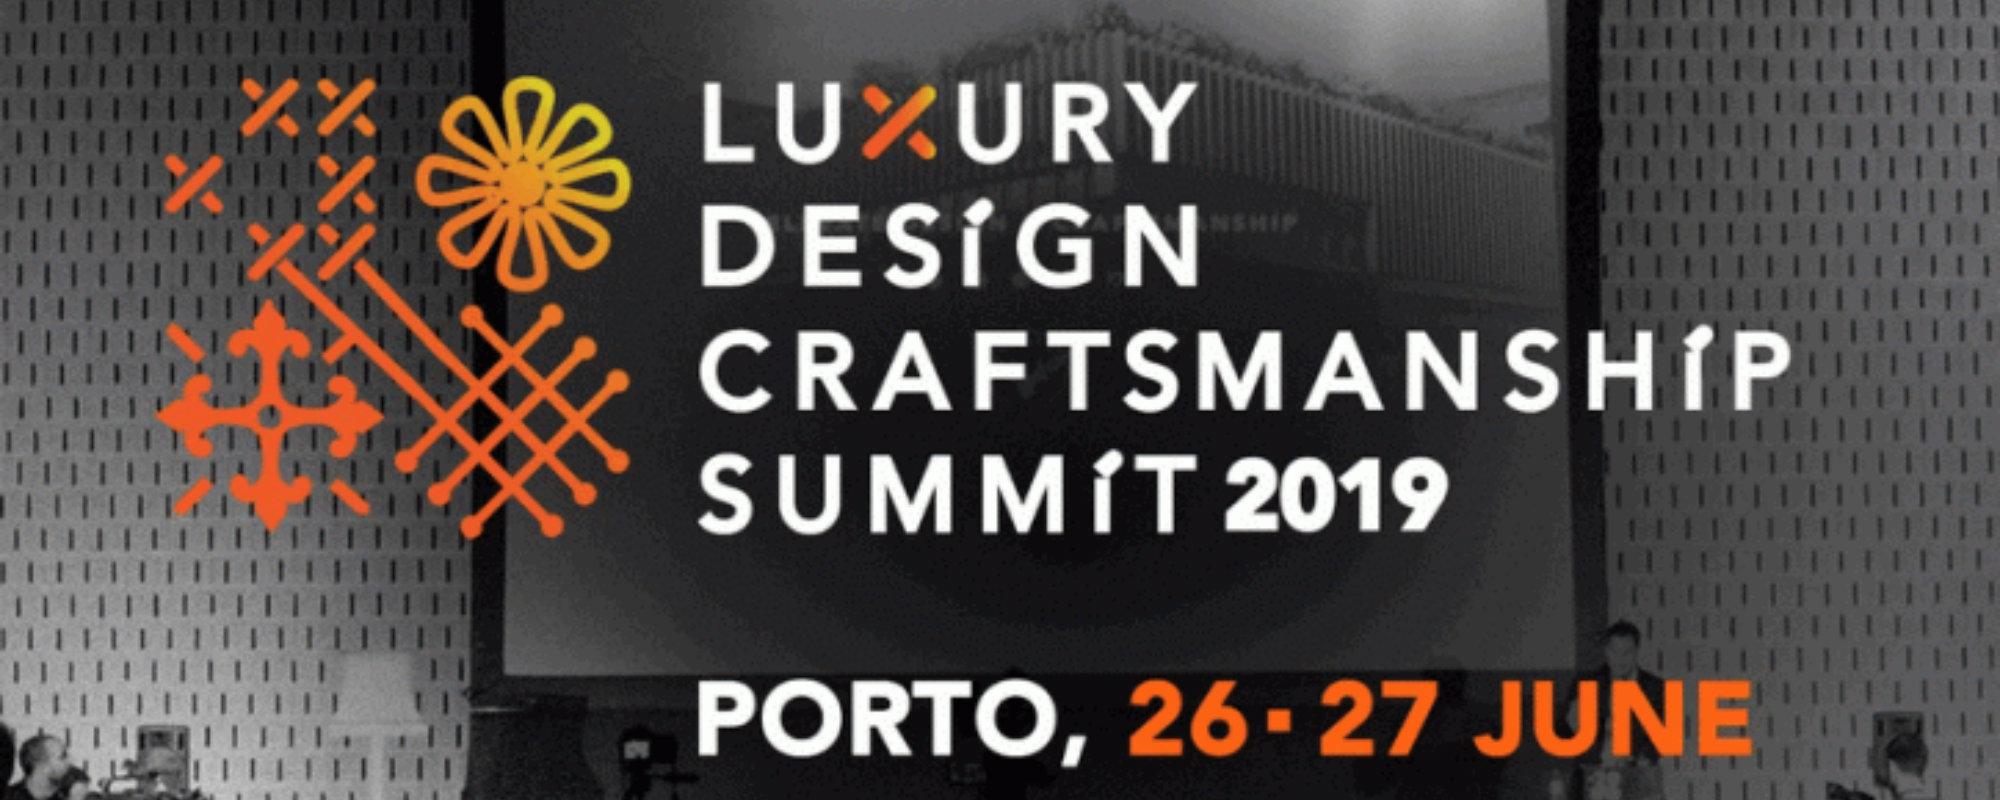 Evento de lujo: Cita de Diseño y Artesanía de lujo 2019 en Portugal evento de lujo Evento de lujo: Cita de Diseño y Artesanía de lujo 2019 en Portugal Featured 2